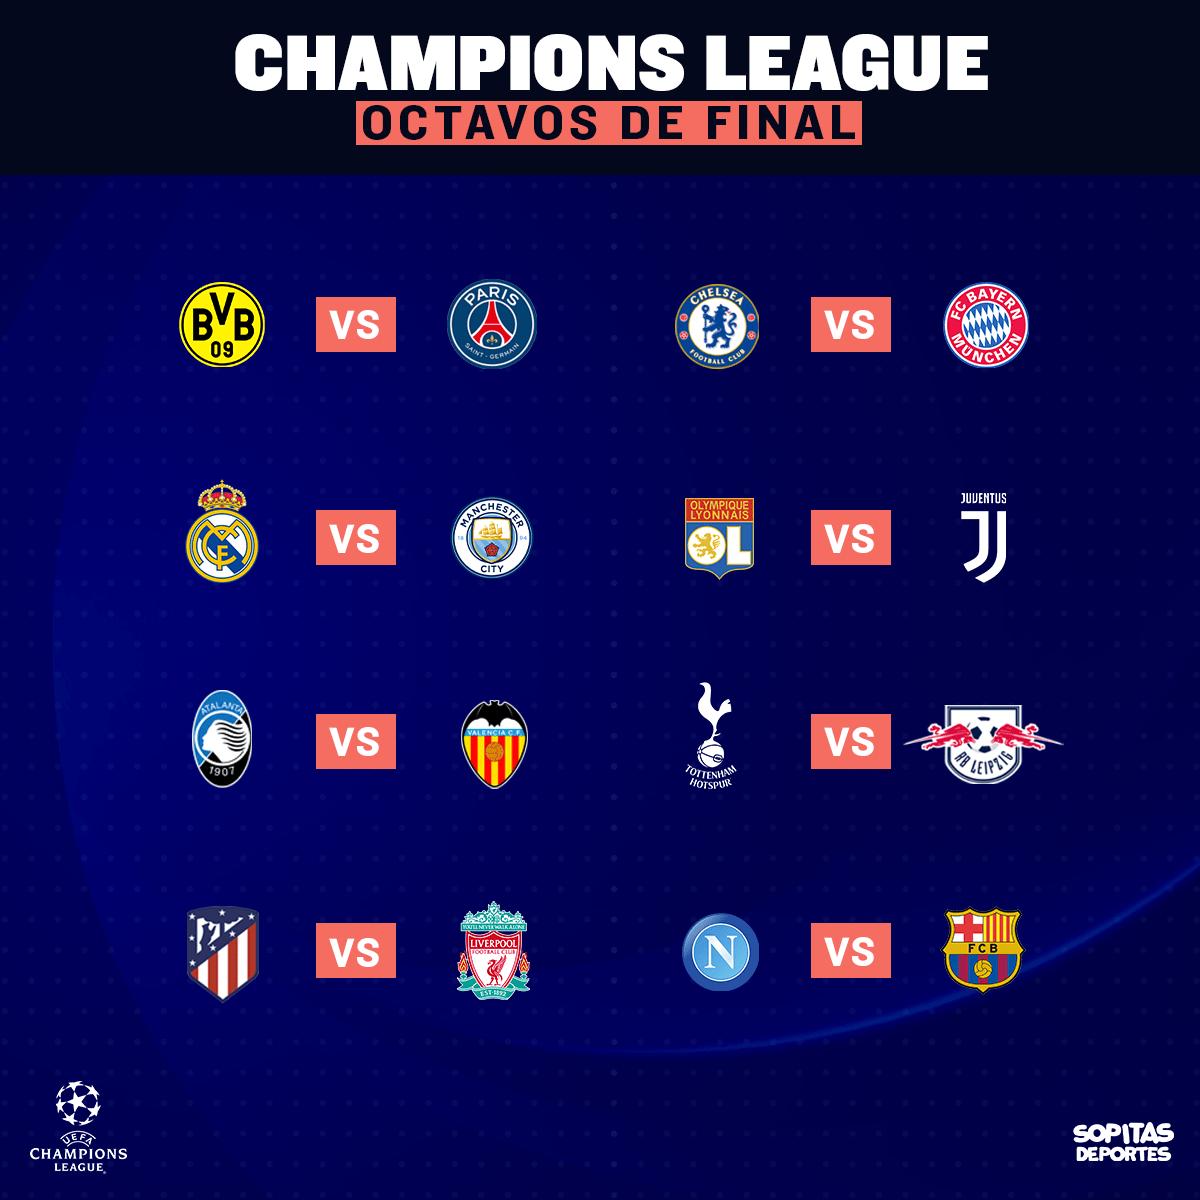 Fechas. horarios y todo lo que tienes que saber de los Octavos de Final de la Champions League